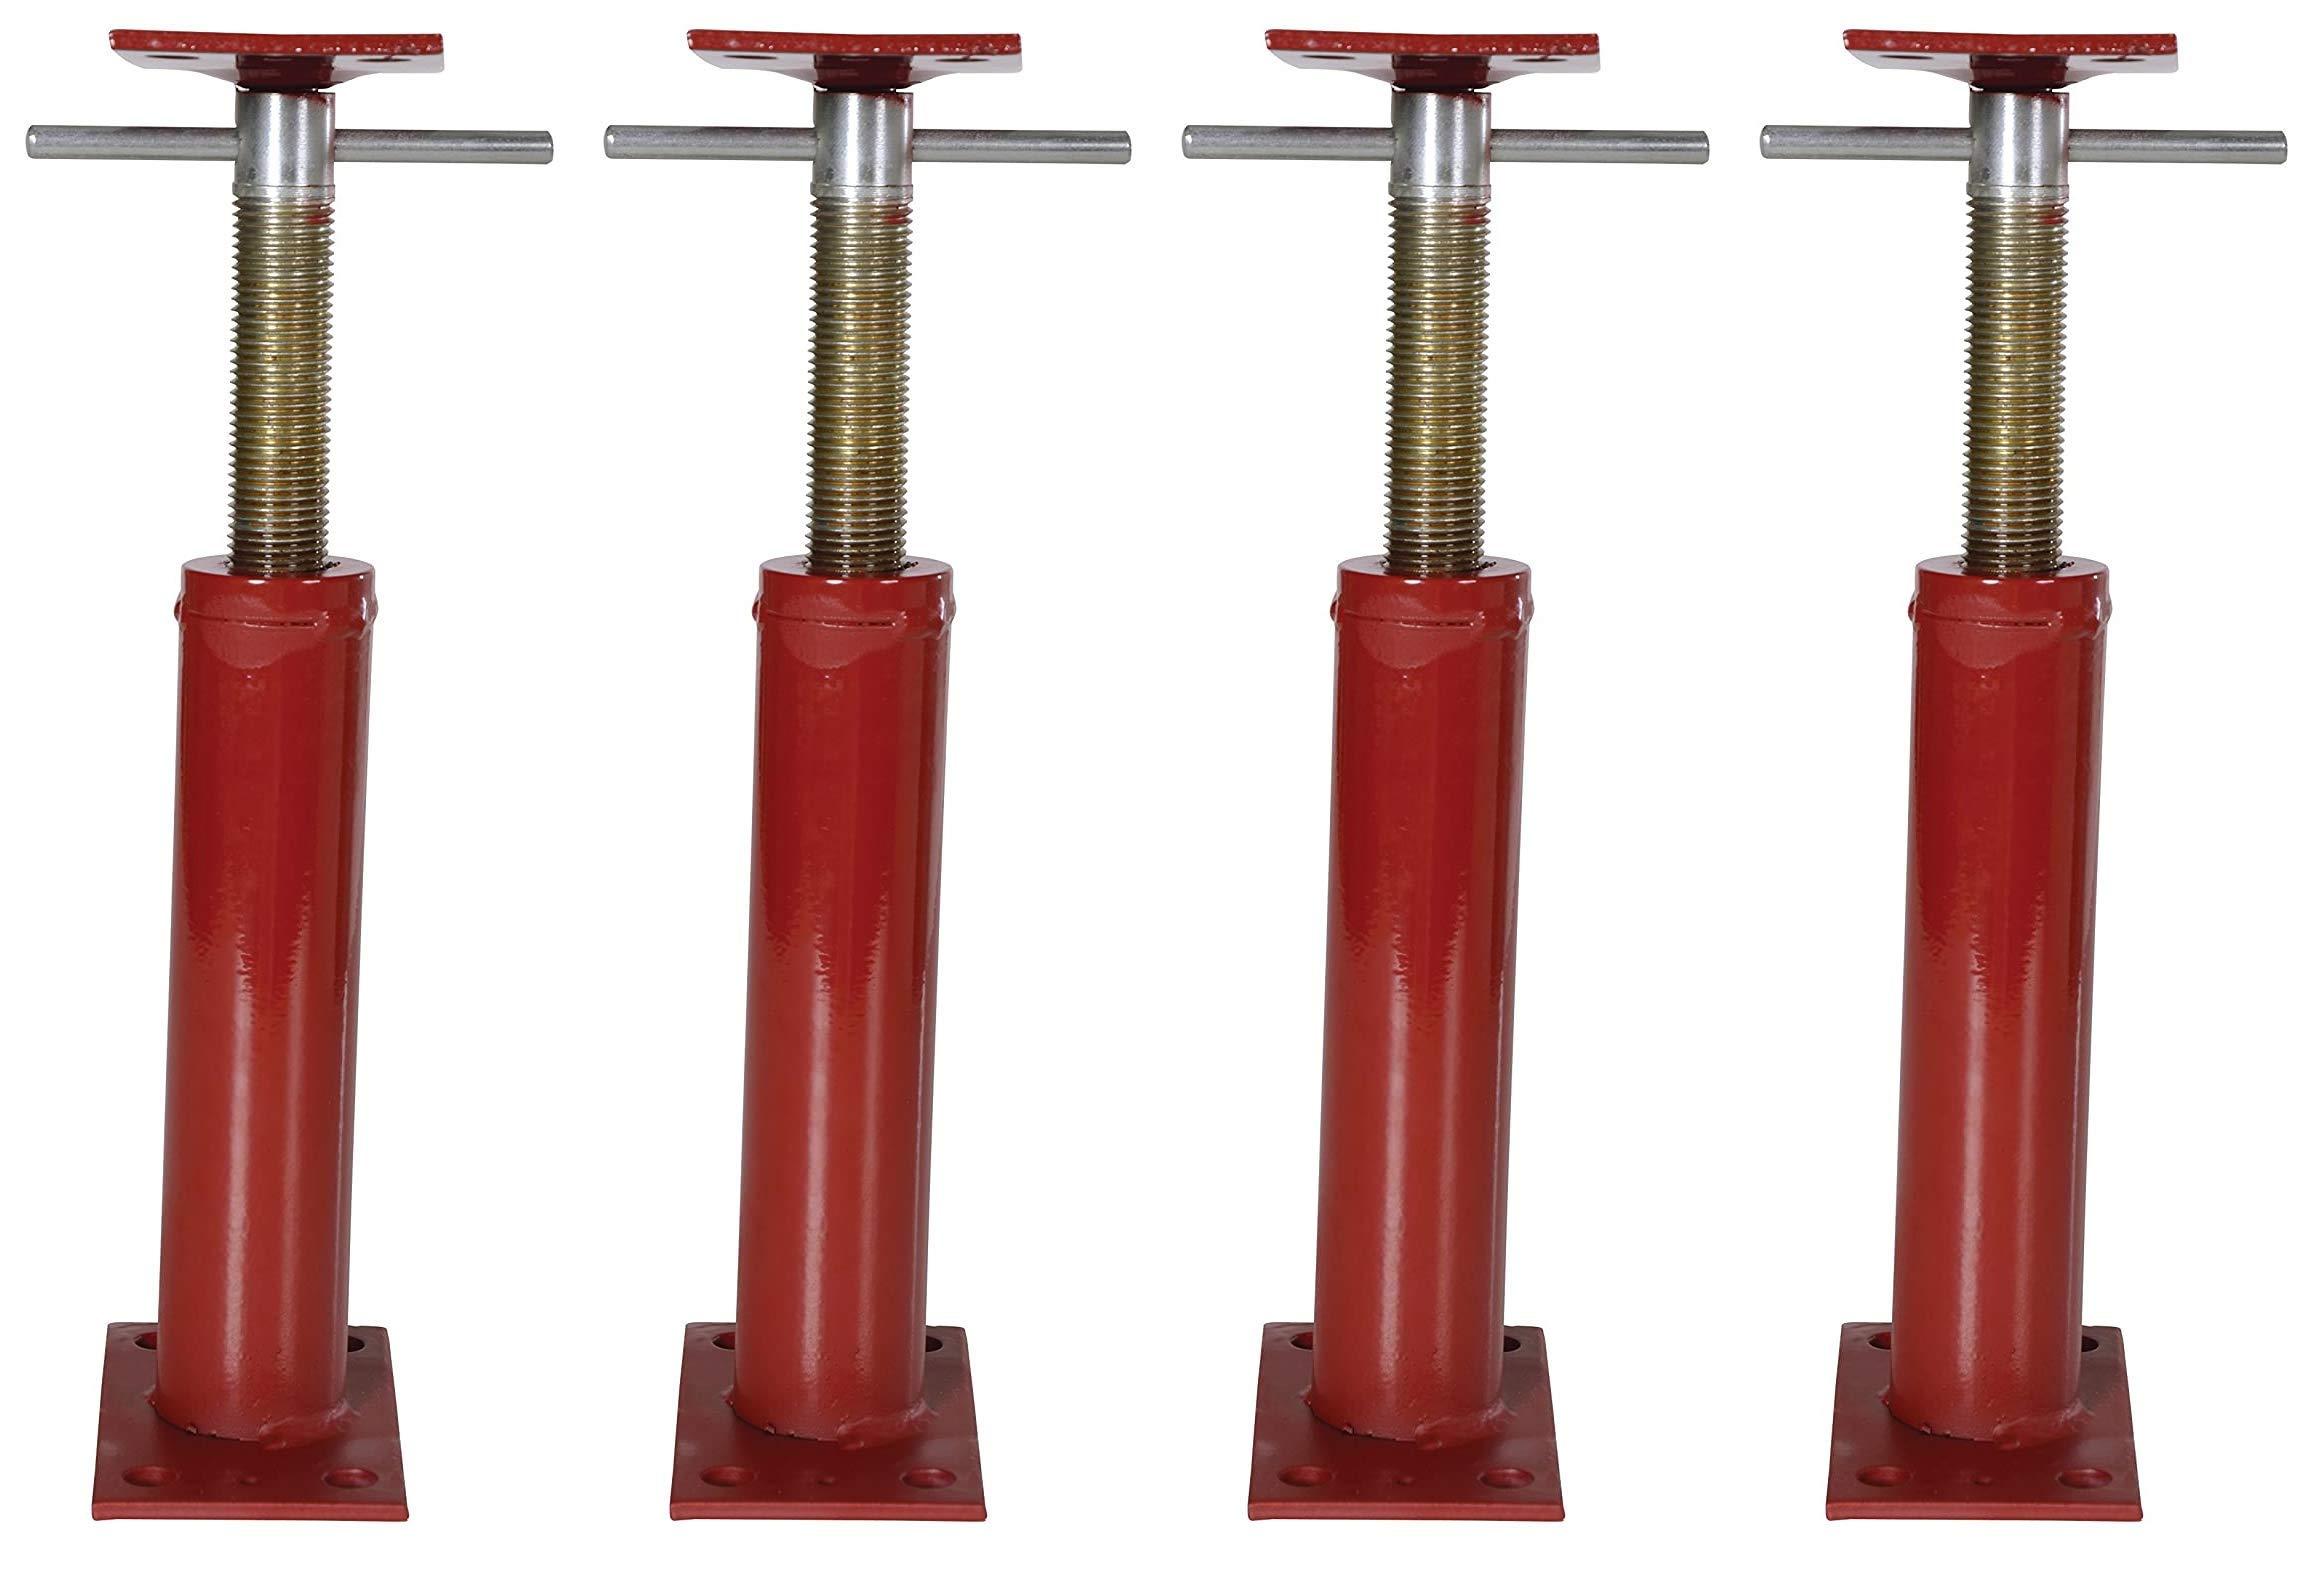 """Vestil FJB-16 Basement Floor Jack, 12"""" - 16"""" Height Range, Maximum Height Capacity (lbs.) 9738, Minimum Height Capacity (lbs.) 9738 (Four Pack)"""